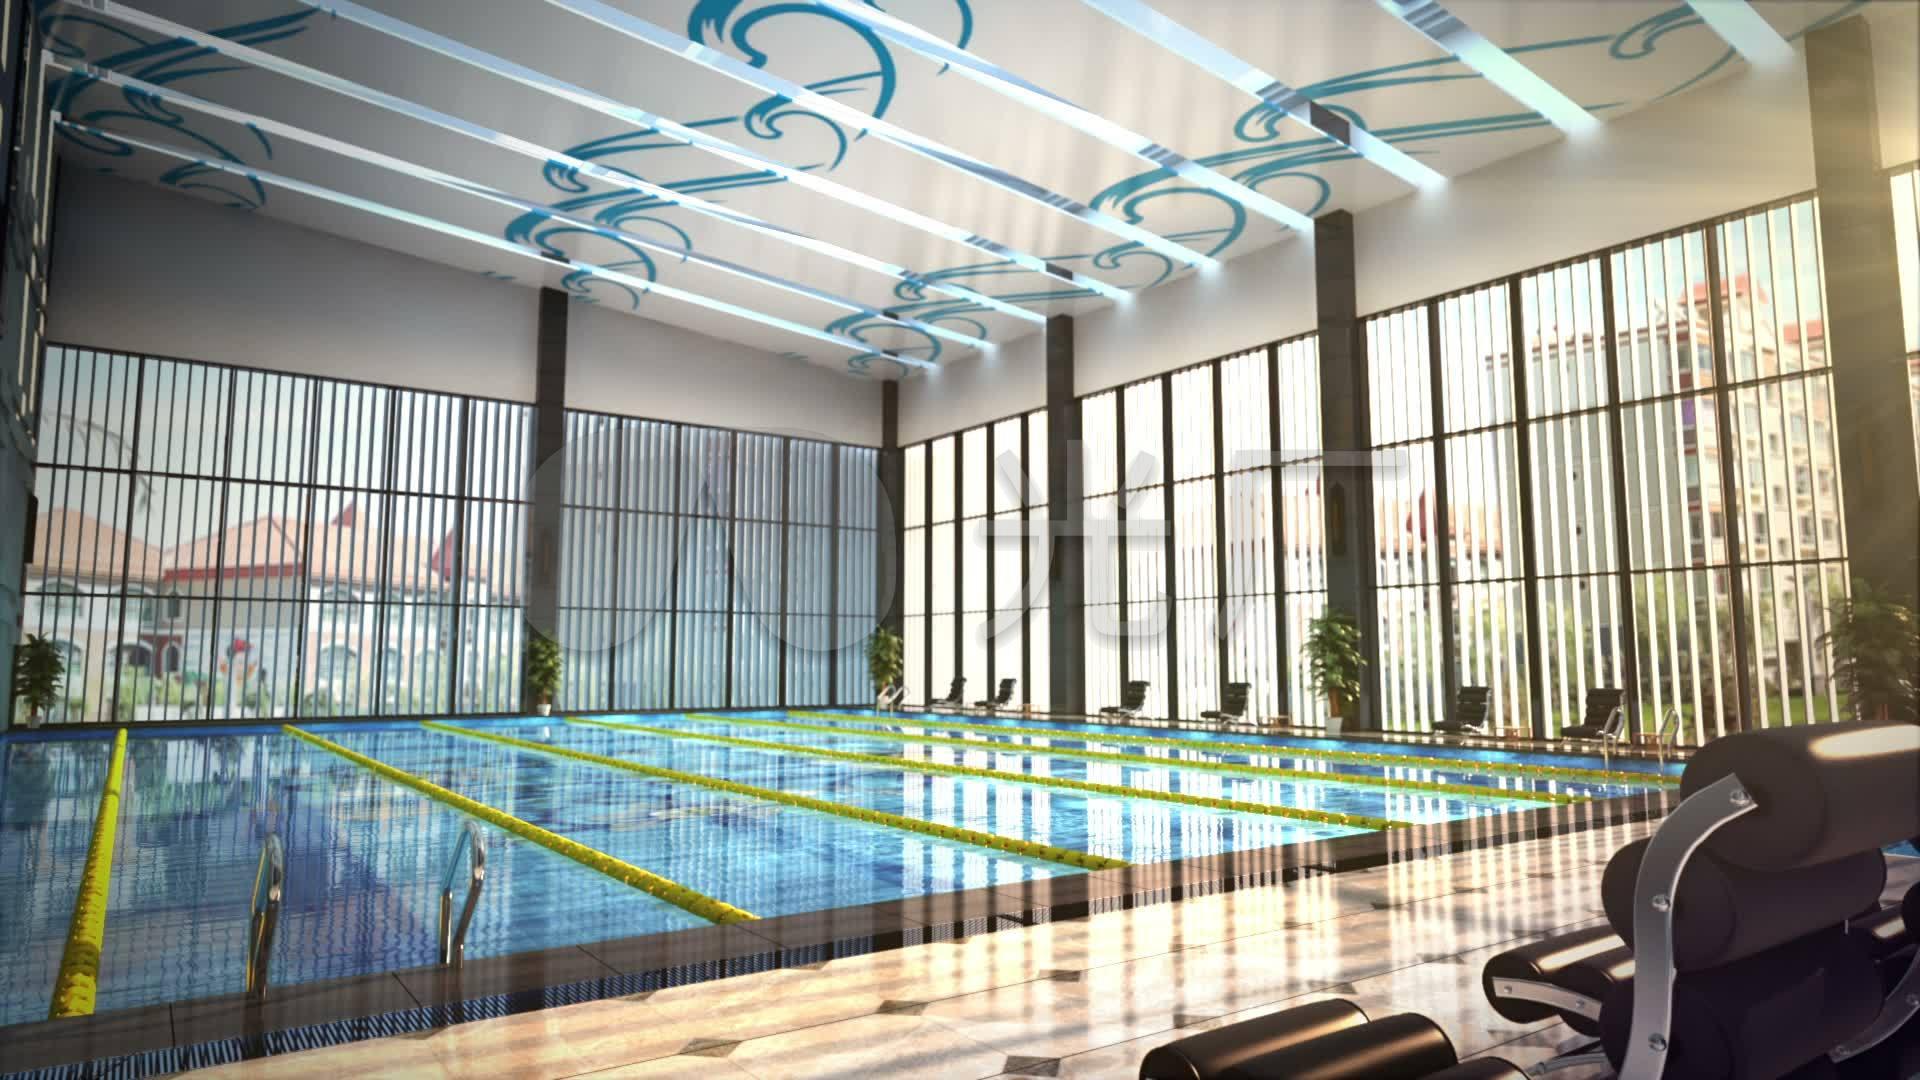 3d素材室内游泳池_1920X1080_视频高清动画室内设计费取费上浮1.5图片